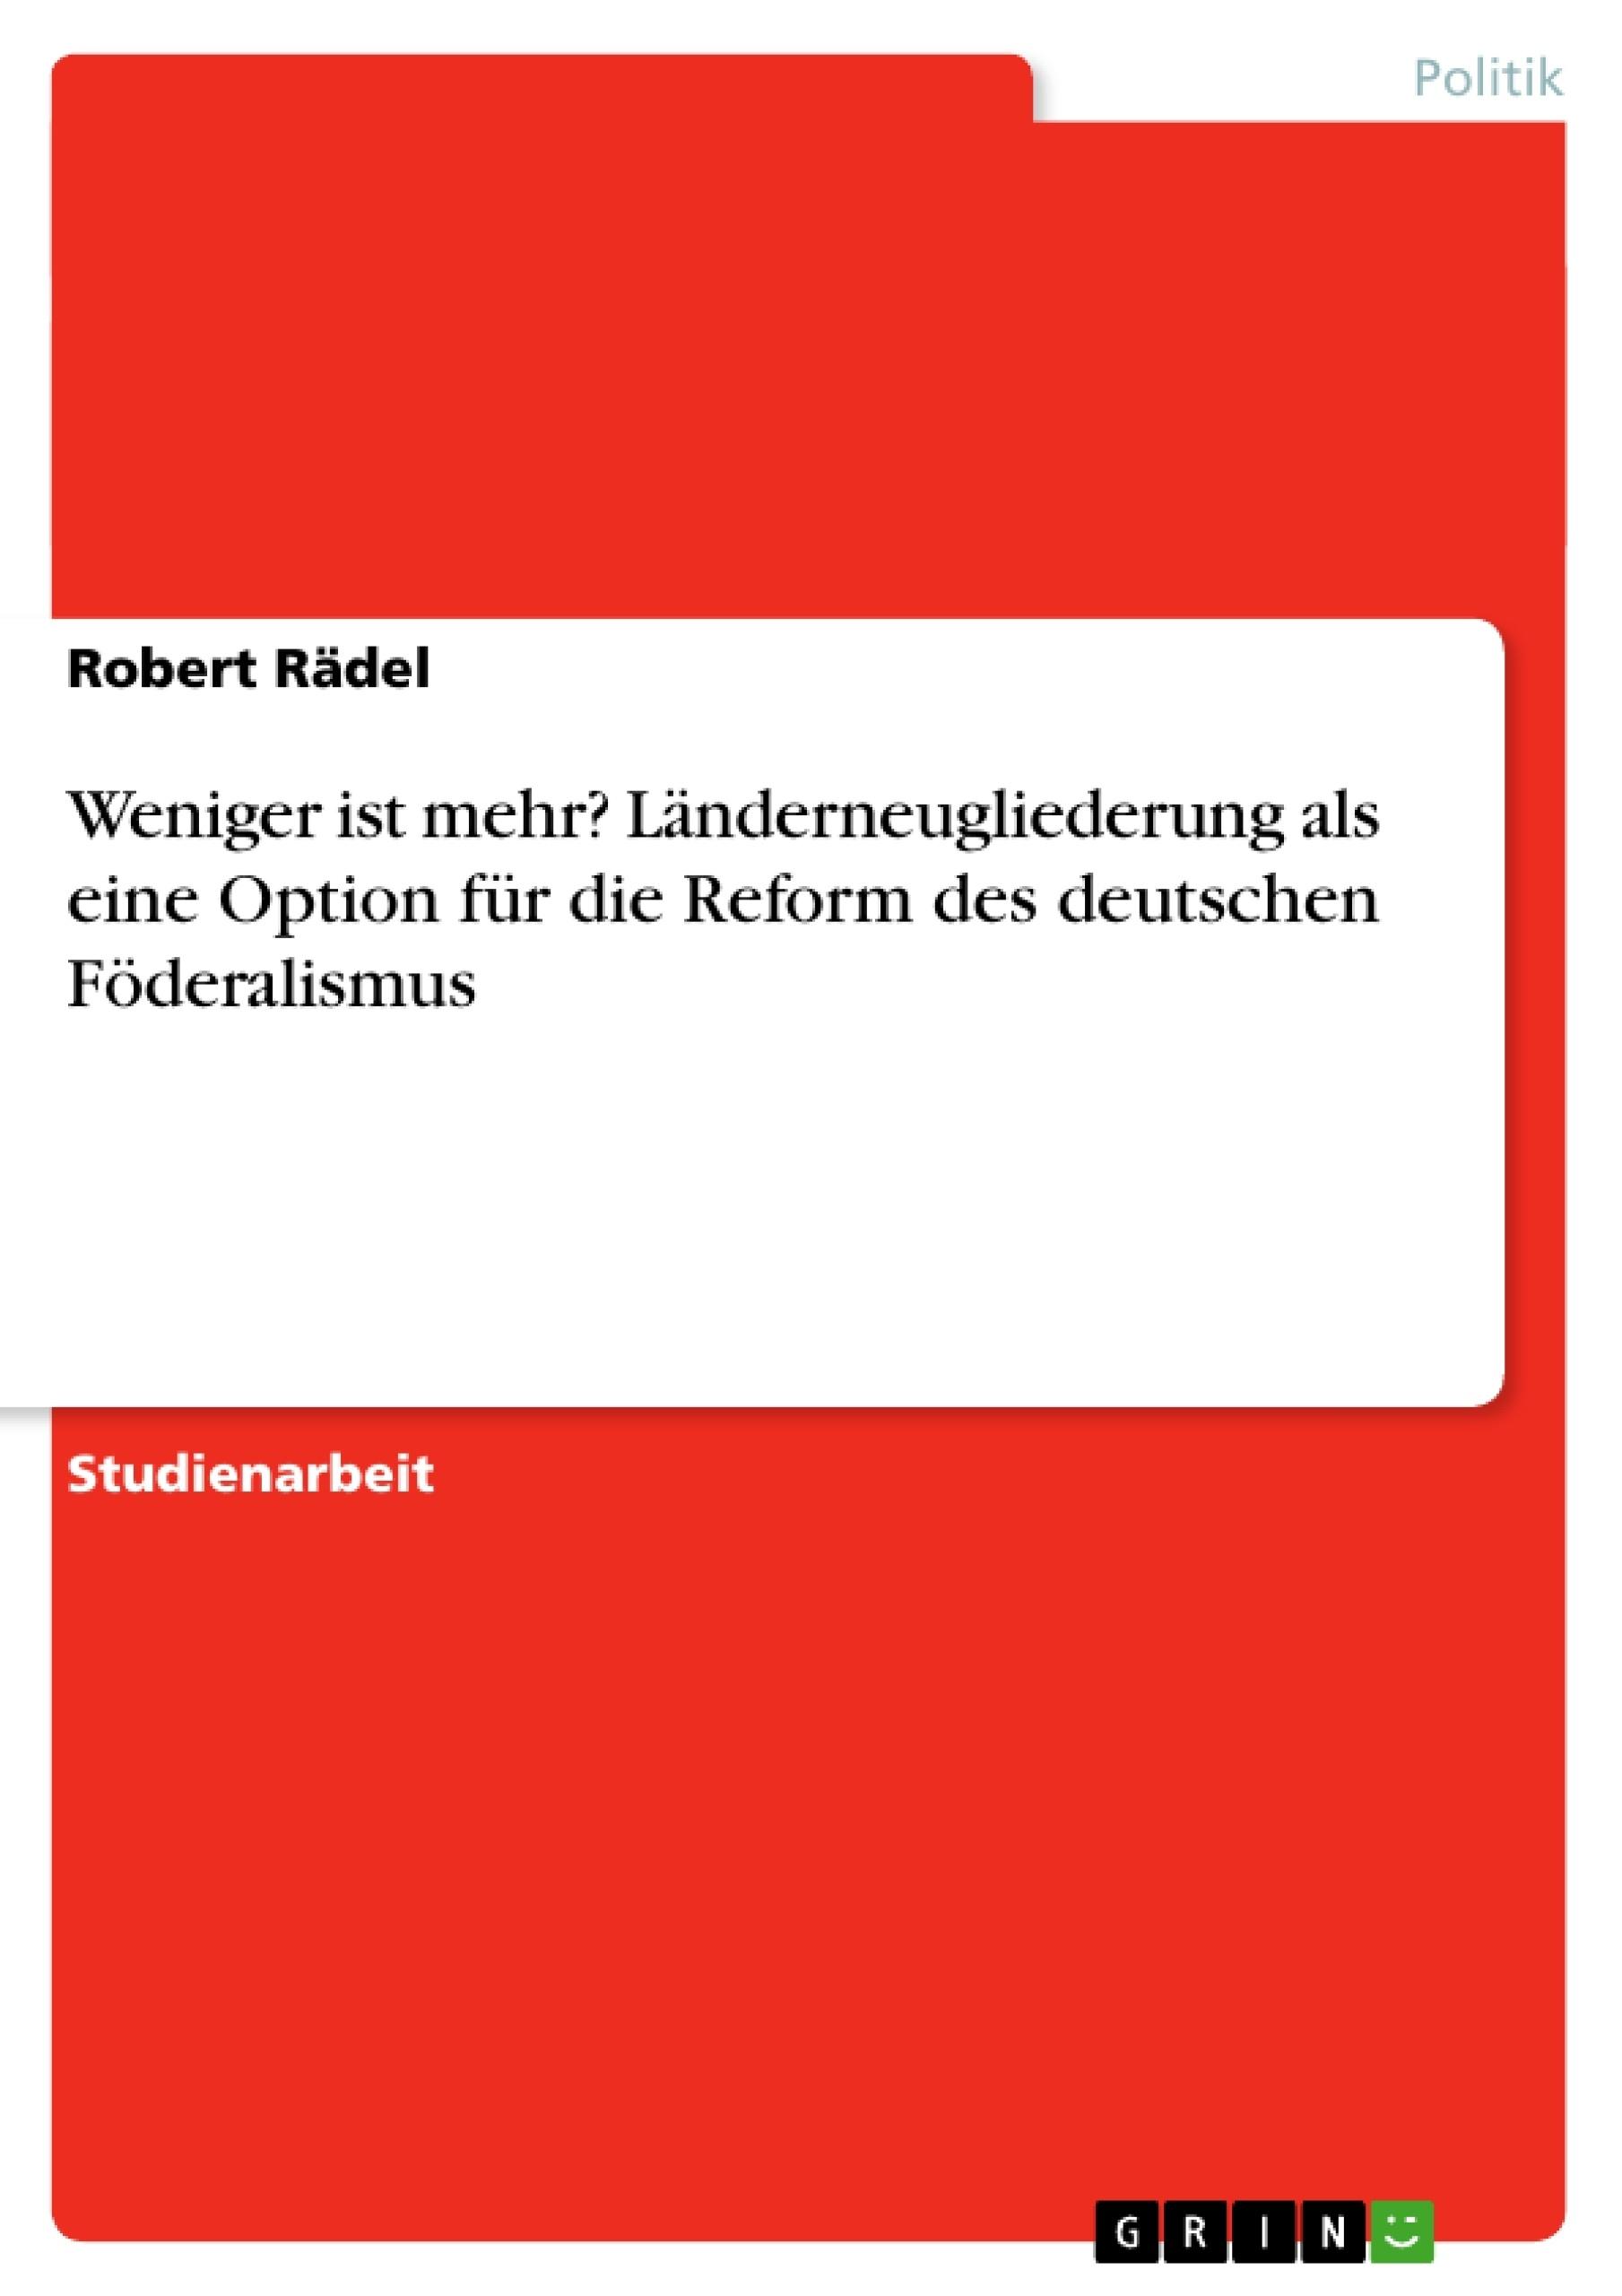 Titel: Weniger ist mehr? Länderneugliederung als eine Option für die Reform des deutschen Föderalismus